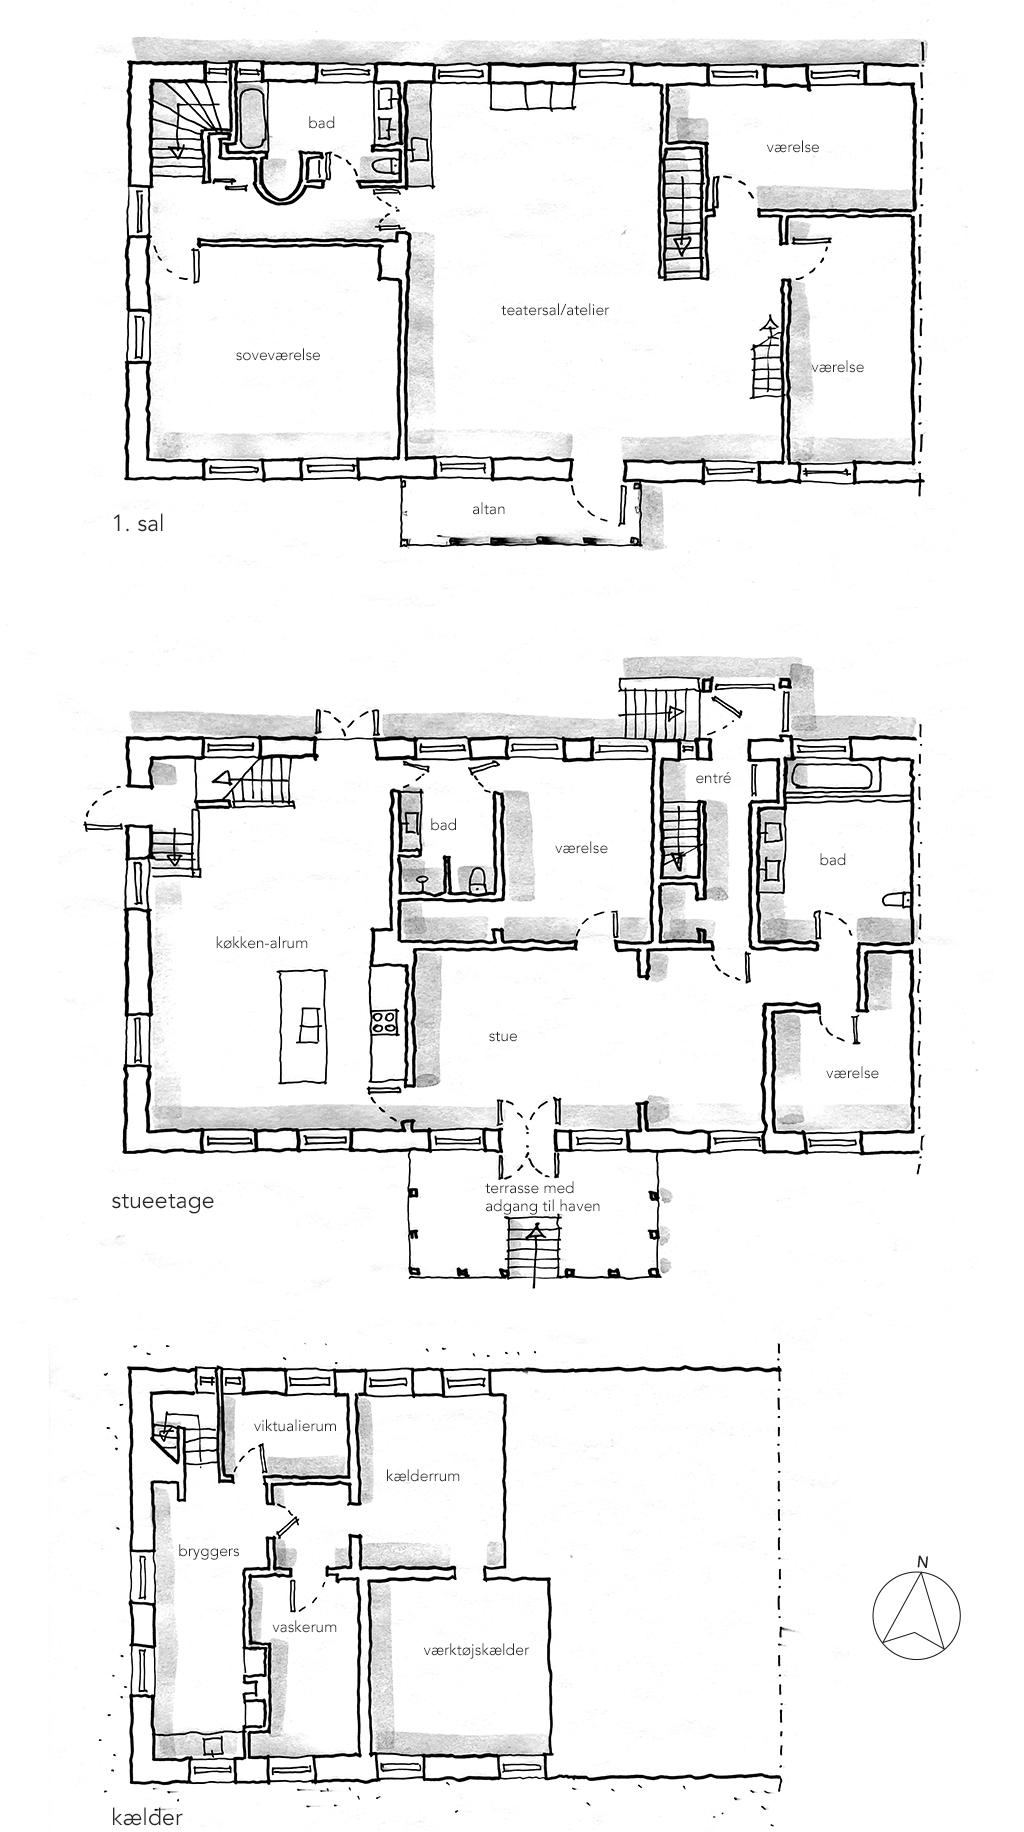 Plantegning, håndskitse, arkitekttegning